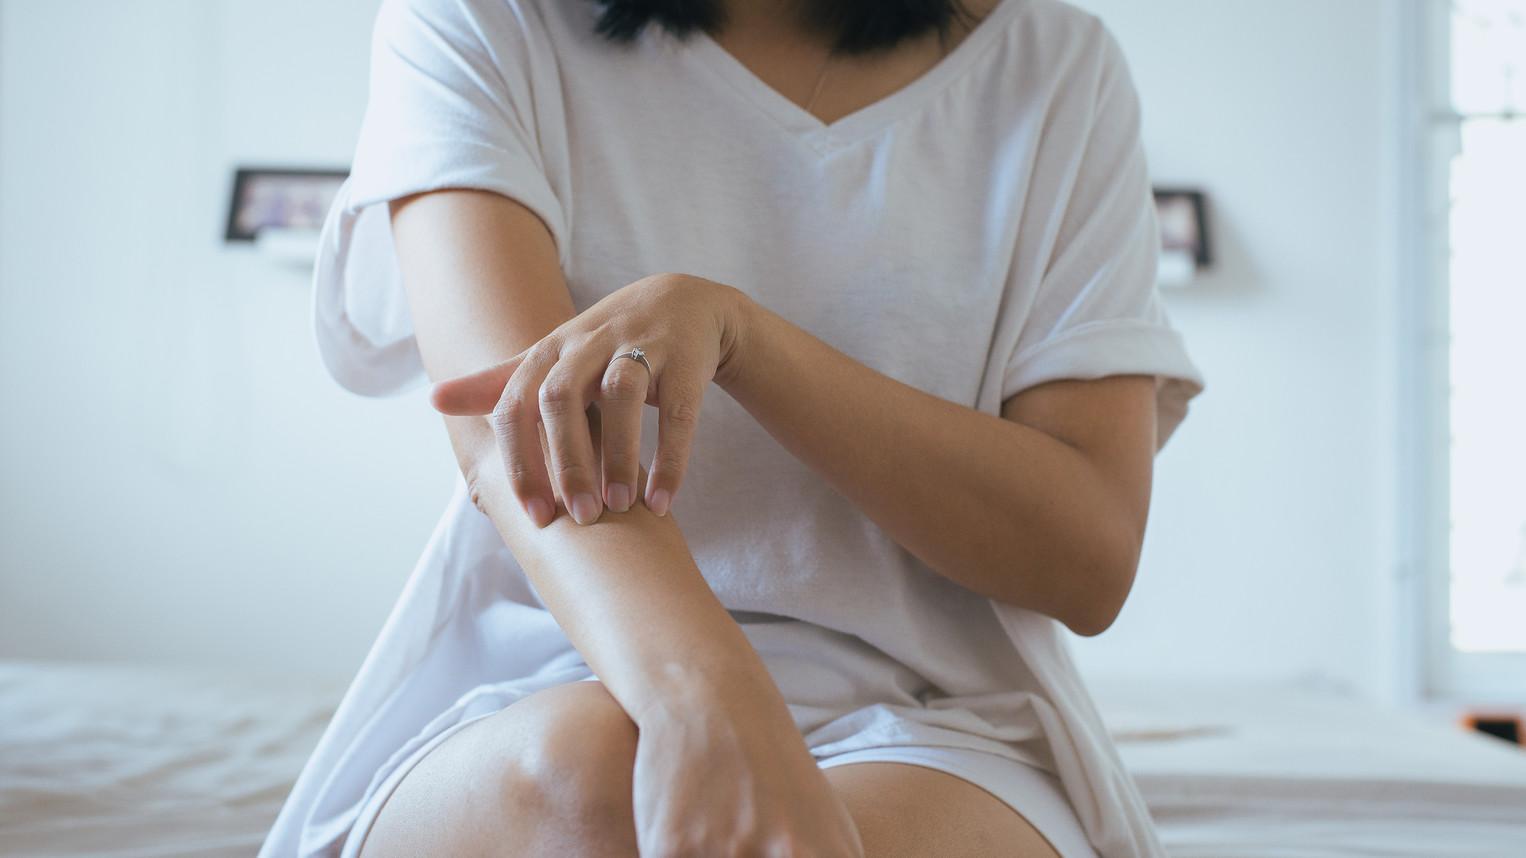 pikkelysömör kezelése az orvos simoncini módszere szerint